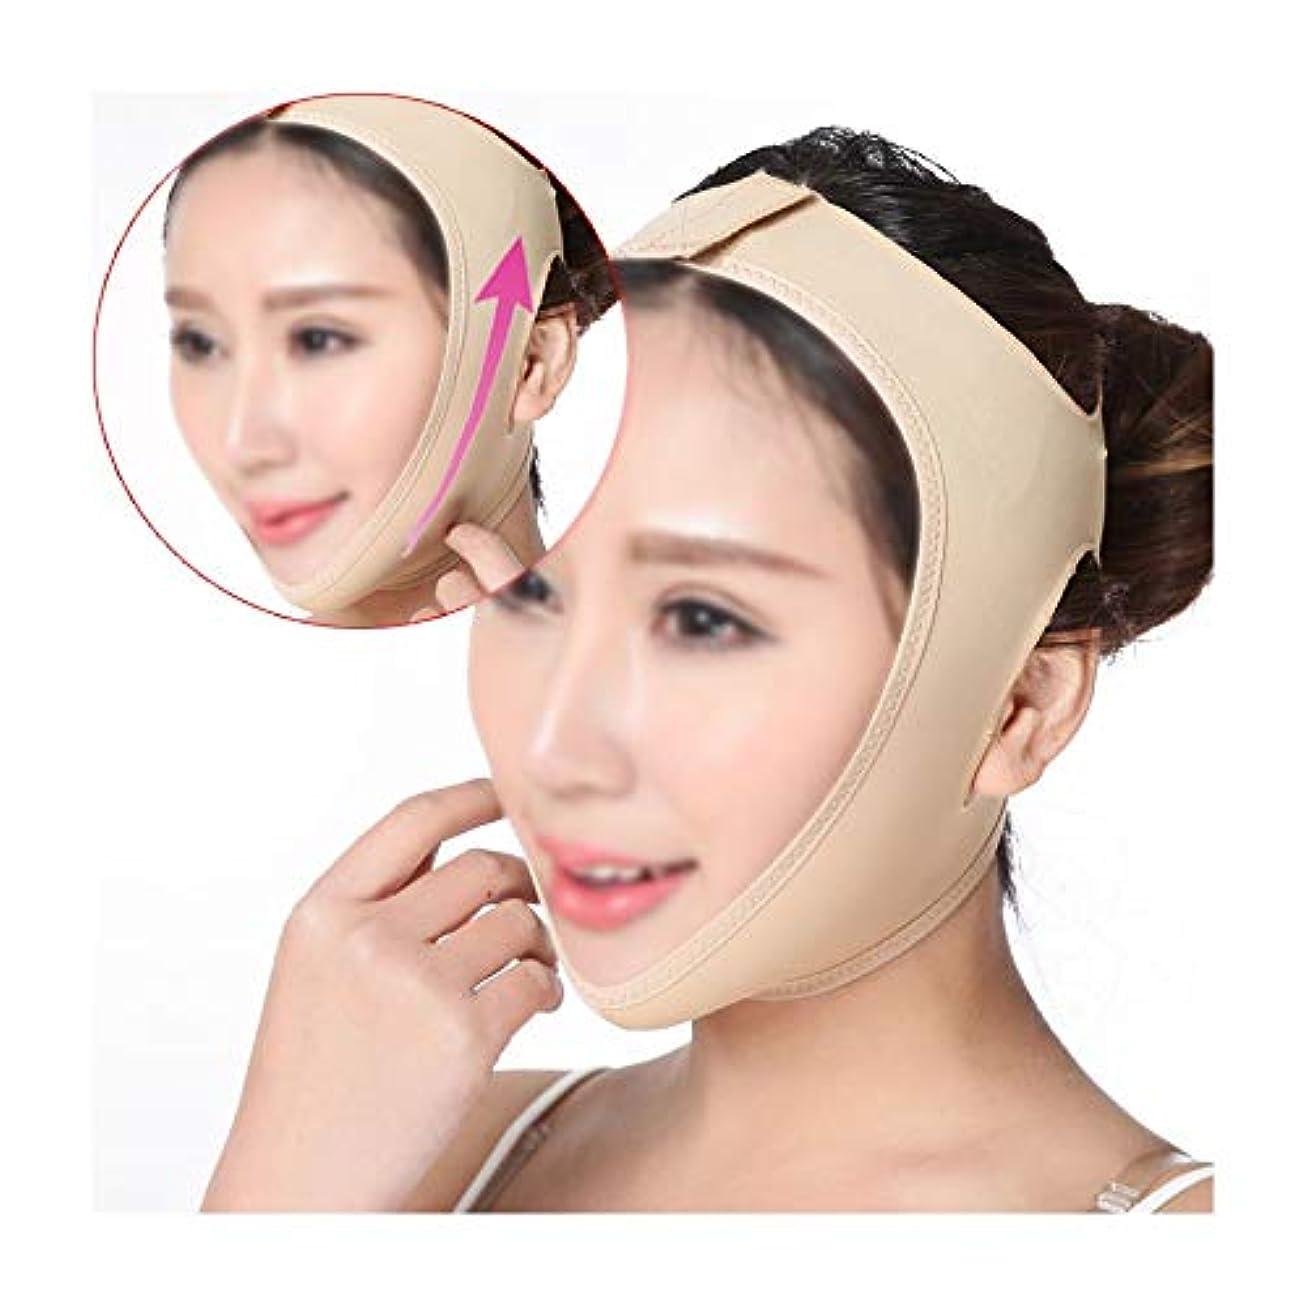 ワットラブ信頼TLMY 引き締めマスクマスク通気性フェイシャル包帯Vフェイスデバイス睡眠薄いフェイスマスクフェイシャルマッサージフェイスリフティングツール 顔用整形マスク (Size : XL)